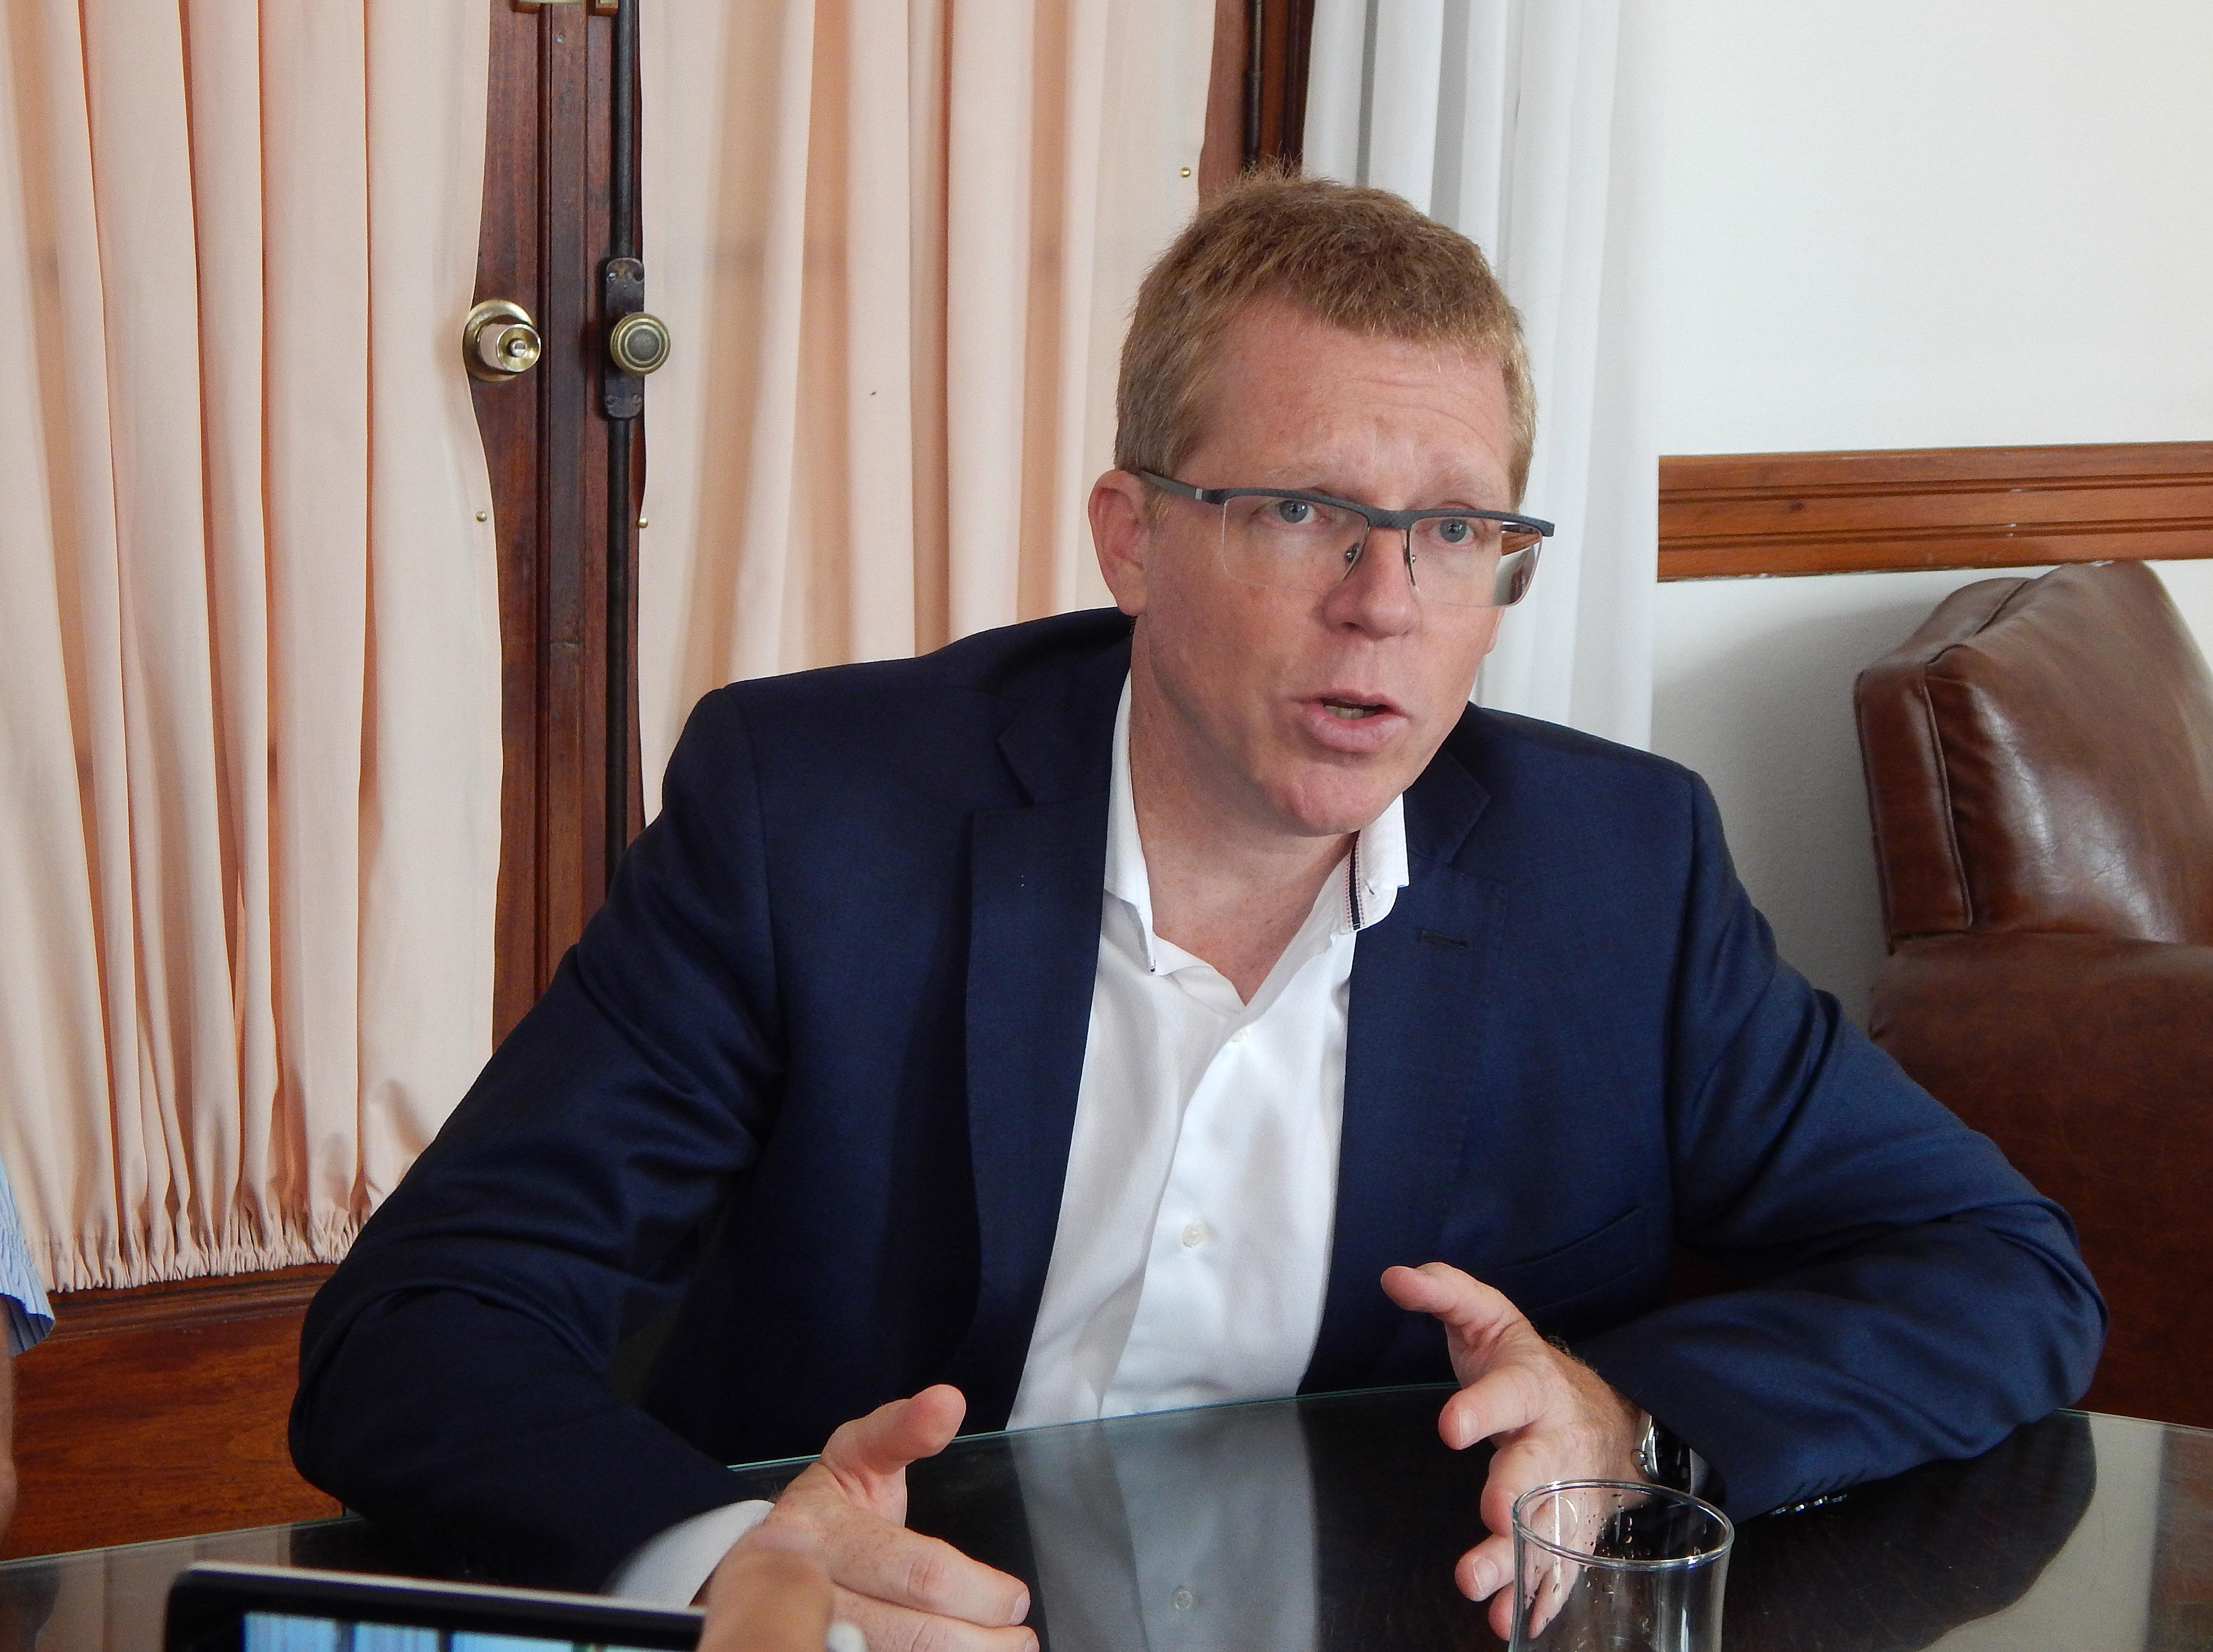 El presidente del Bapro aseguro que se trabaja para mejorar la atención en la Sucursal9 de Julio